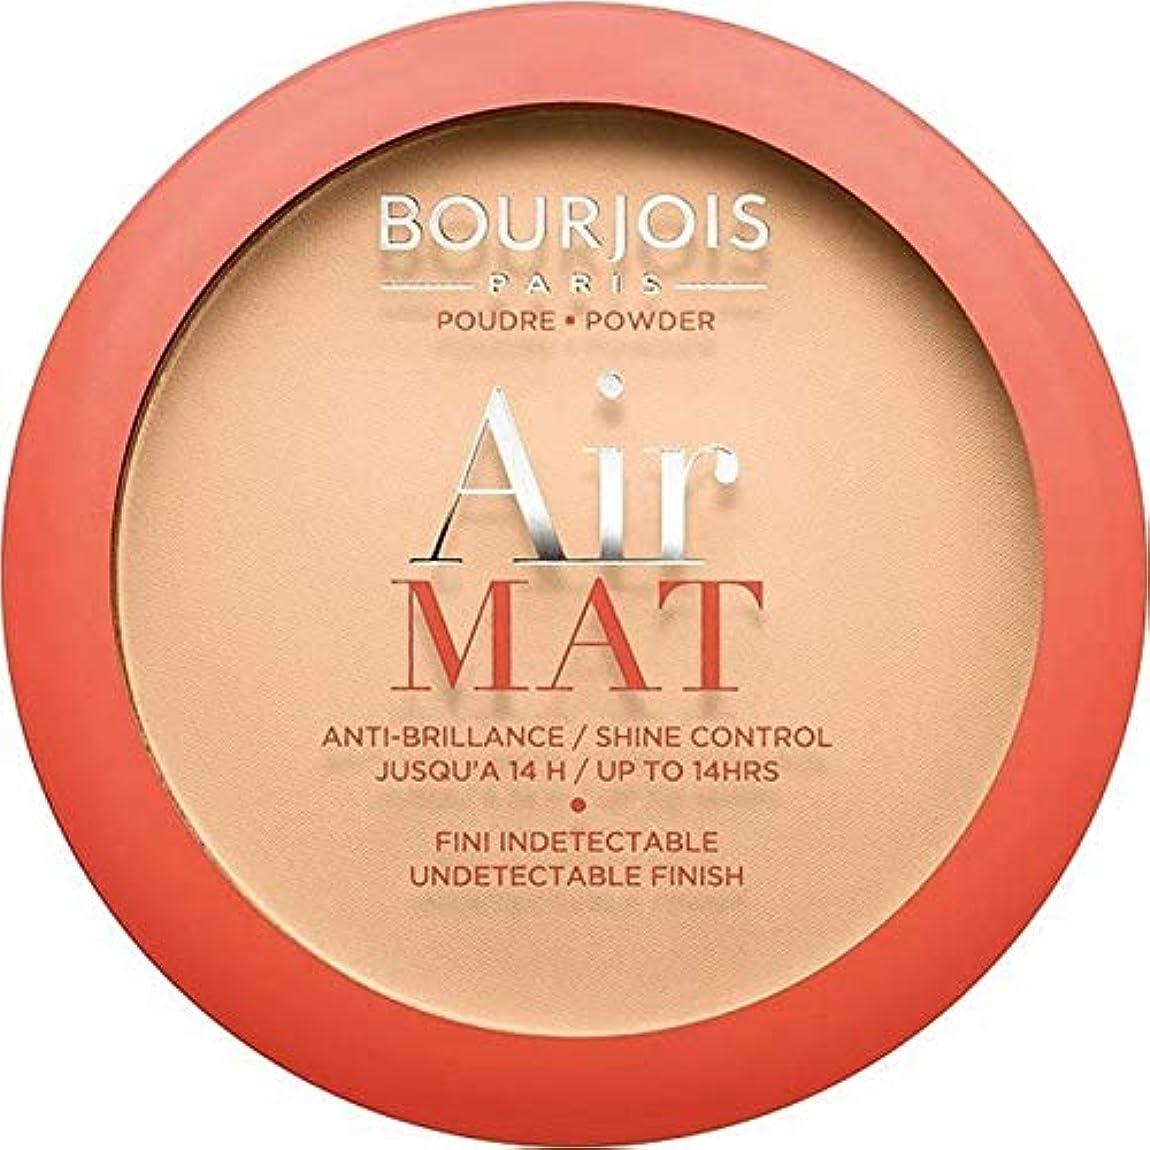 潮チャンバー起点[Bourjois ] ブルジョワ空気マット圧粉 - ライトベージュ - Bourjois Air Mat Pressed Powder - Light Beige [並行輸入品]